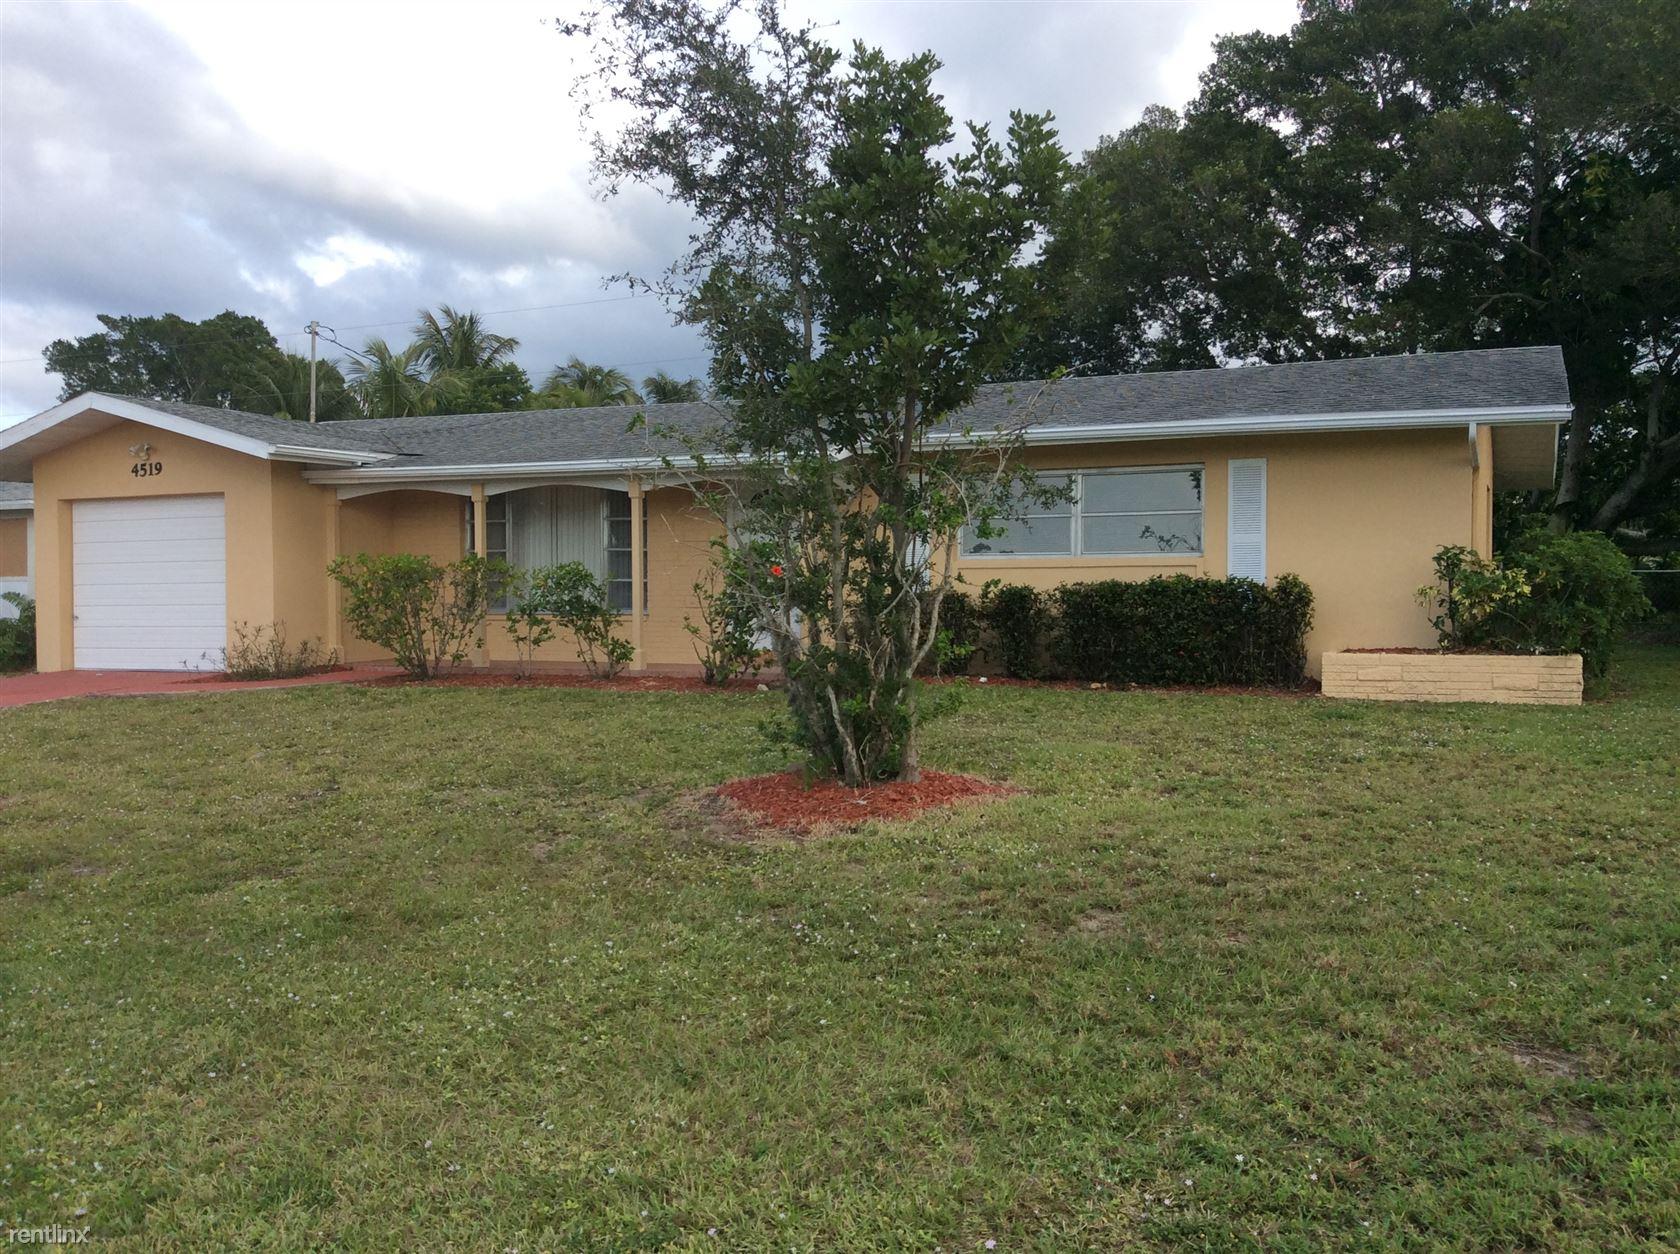 4519 SE 14th Avenue, Cape Coral, FL - $1,649 USD/ month